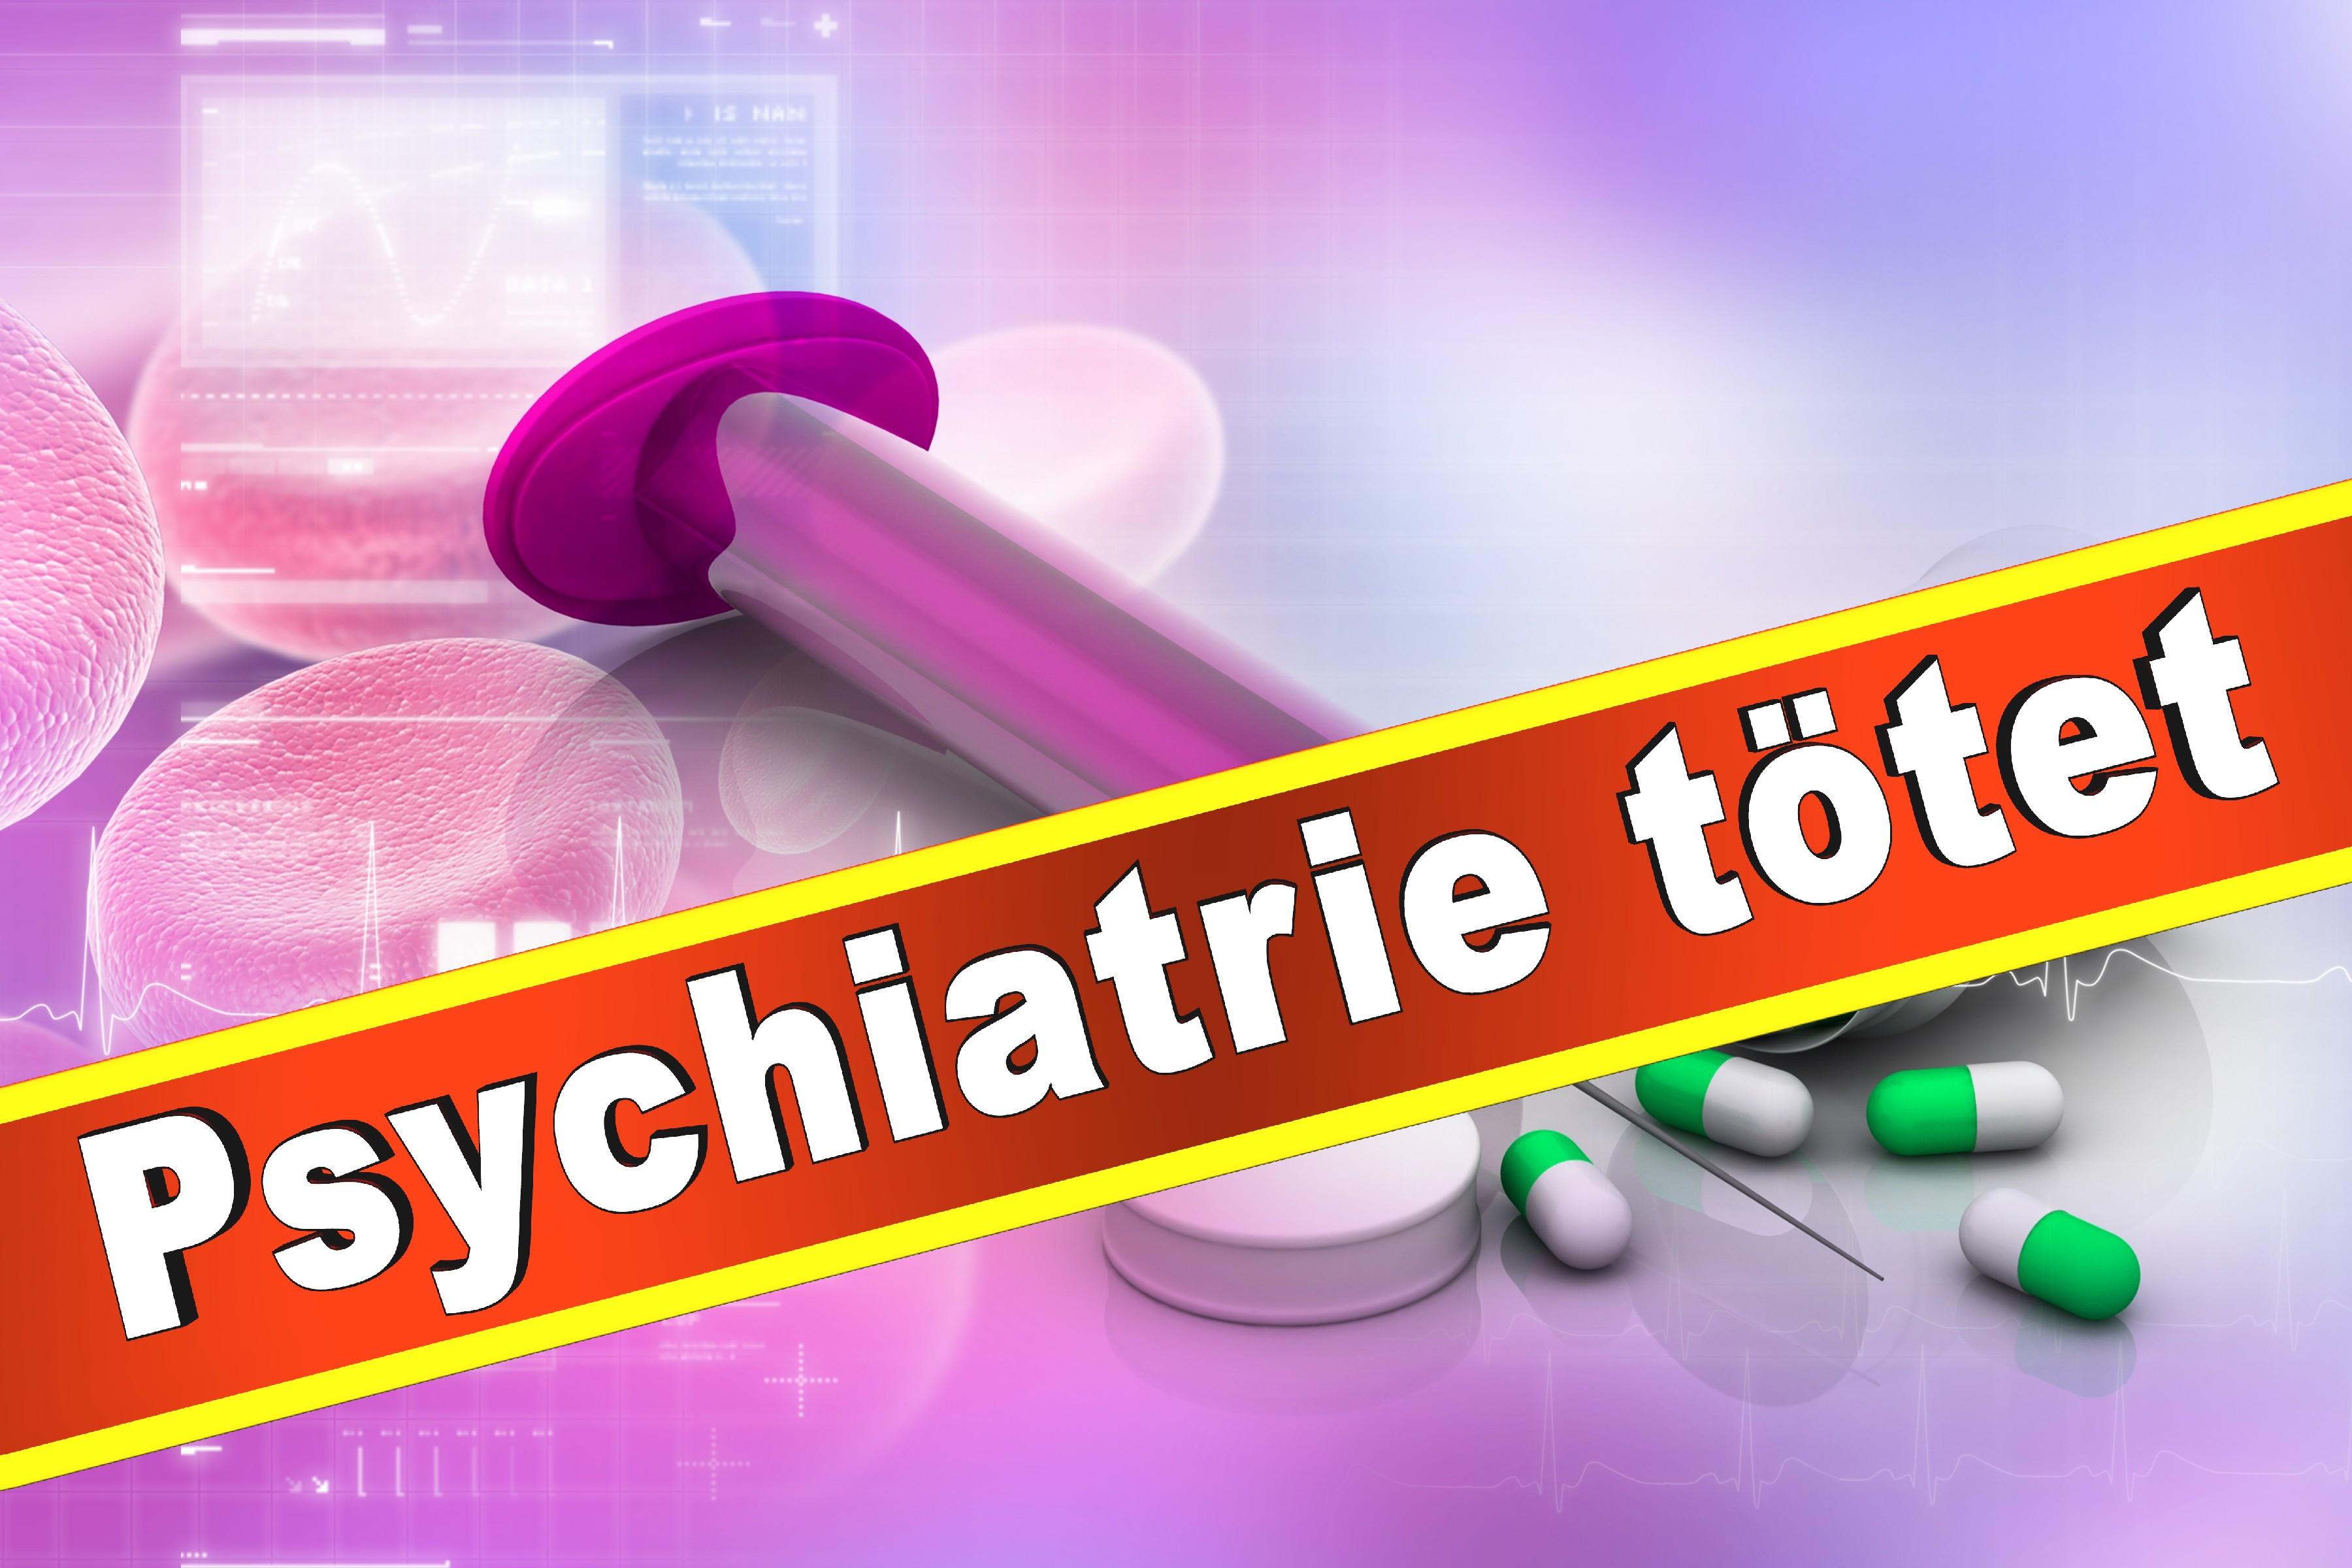 Wielant Machleidt Psychiater Psychotherapeut Professor Praxis Der Interkulturellen Psychiatrie Und Psychotherapie Medizinische Hochschule Hannover Klinik Für Psychiatrie Sozialpsychiatrie (31)